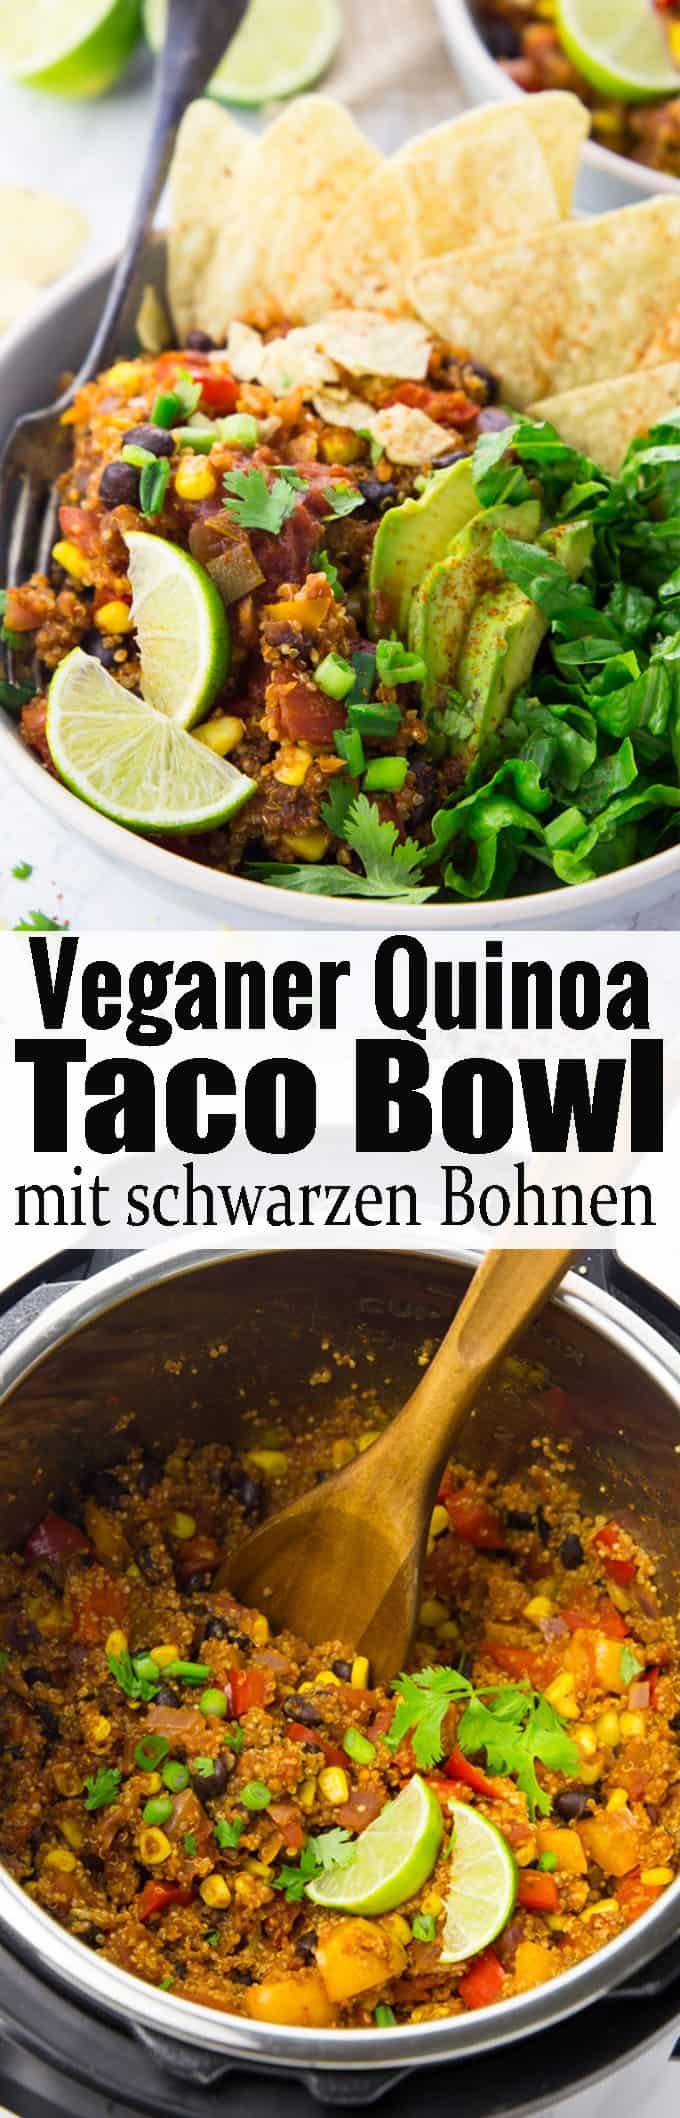 Dieser mexikanische Taco Bowl mit Quinoa, schwarzen Bohnen und Tortilla Chips ist nicht nur unglaublich lecker, sondern auch wahnsinnig gesund! Und noch dazu sehr einfach zuzubereiten. Super als einfaches Abendessen nach einem langen Tag! Mehr vegetarische Rezepte und vegane Rezepte auf veganheaven.de!